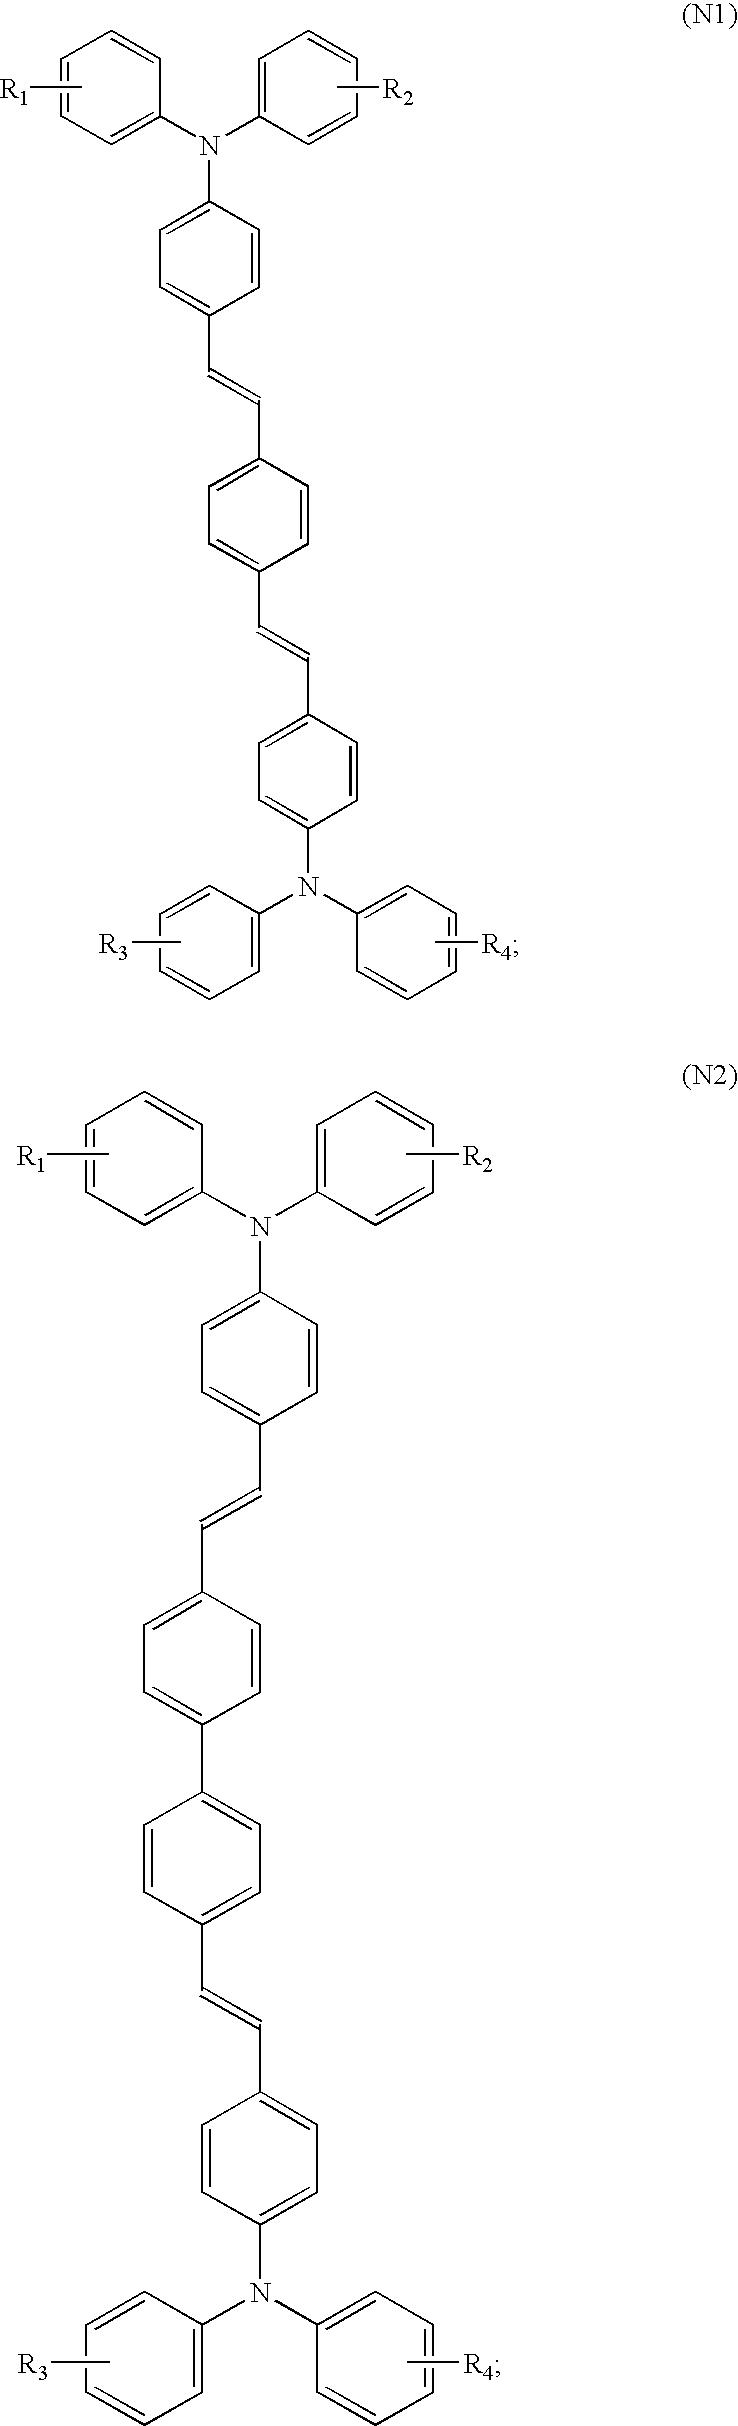 Figure US20060105198A1-20060518-C00055